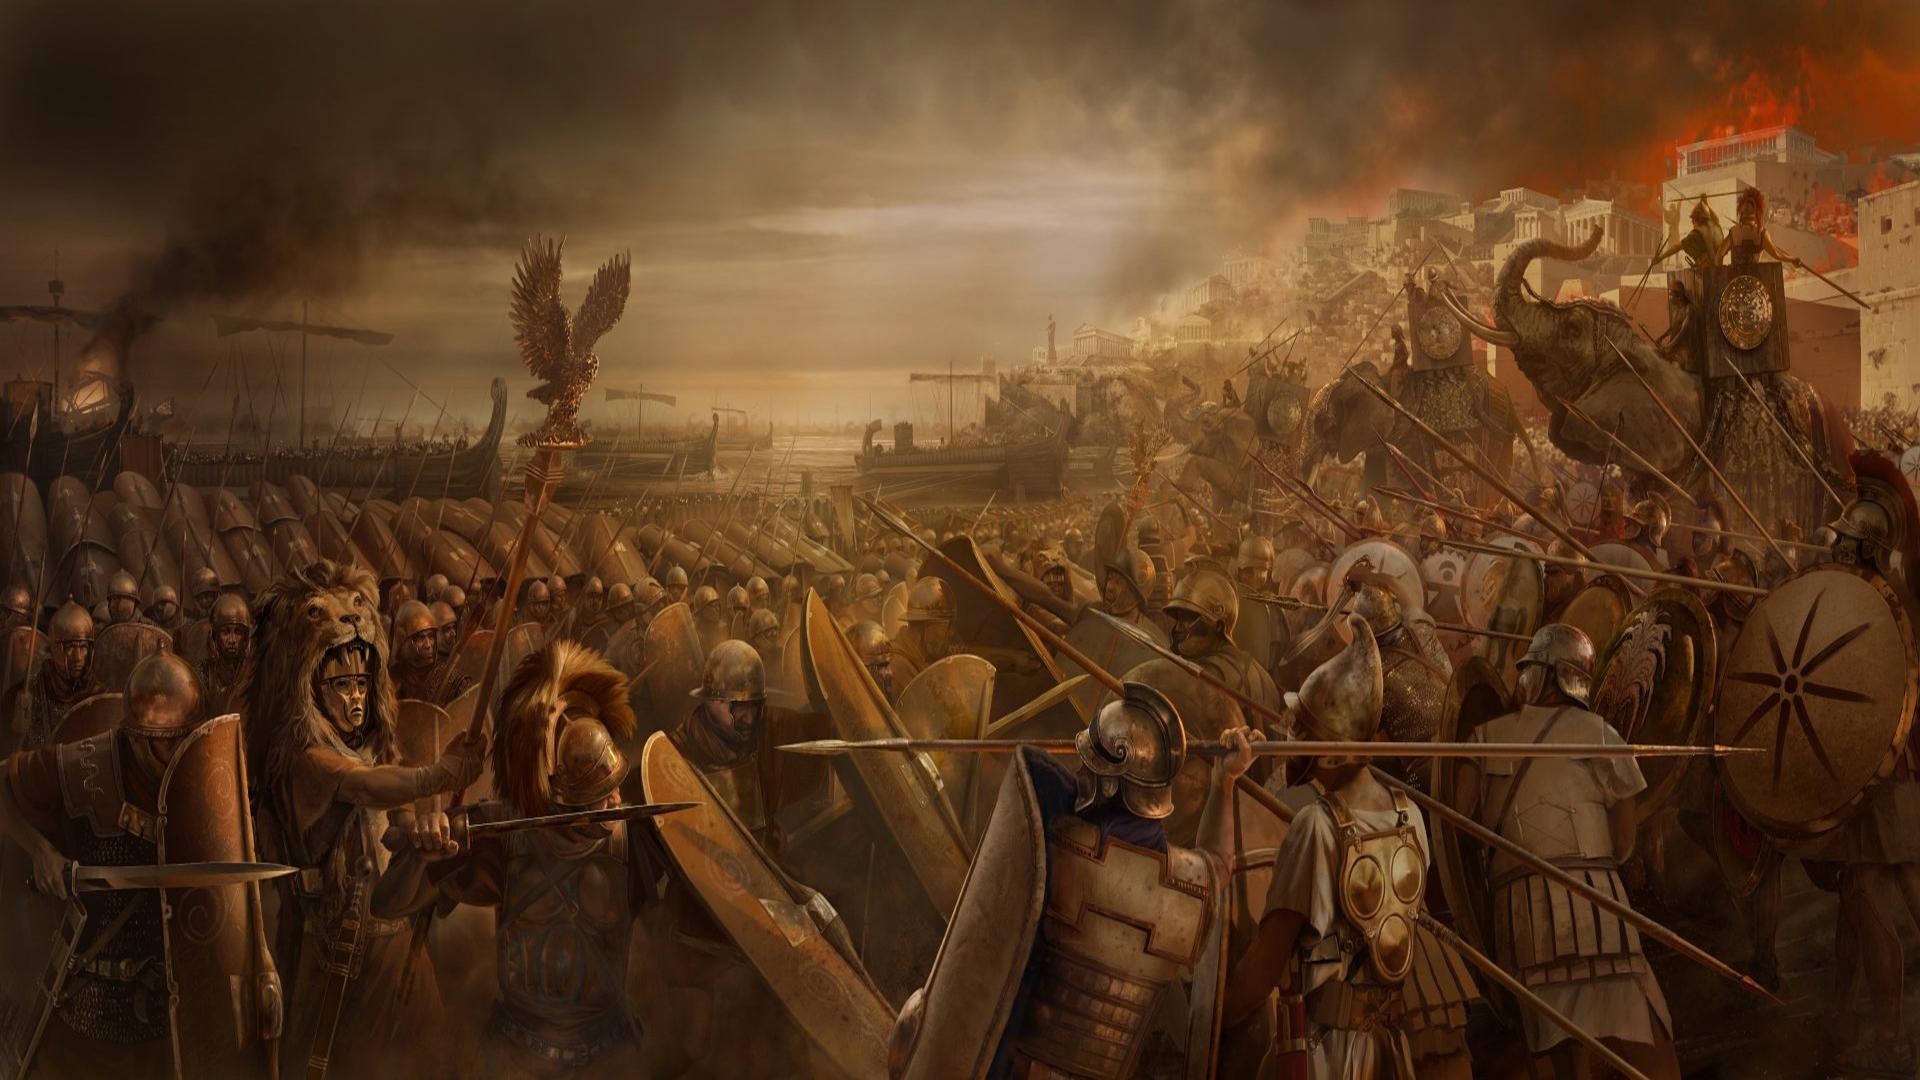 罗马2:全面战争 蒹葭汉化组汉化补丁v2.0[破解版]